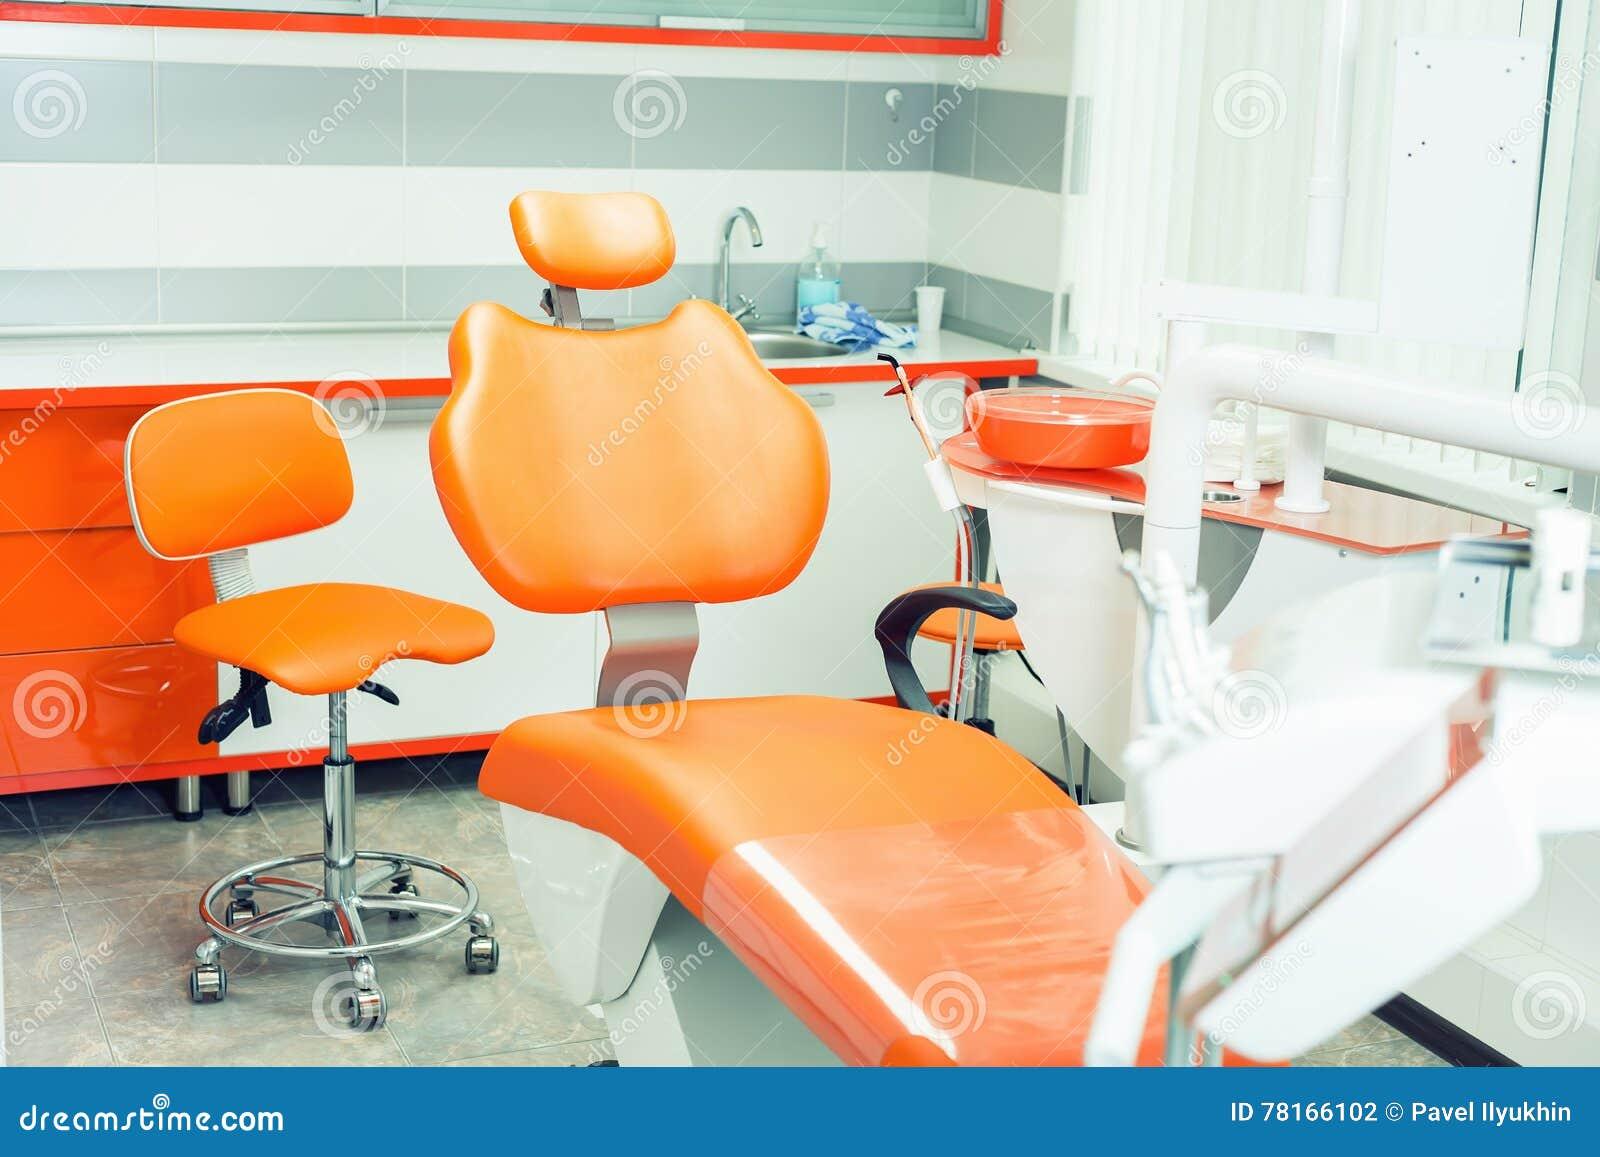 Oficina moderna dental Interior de la odontología Equipamiento médico Clínica dental